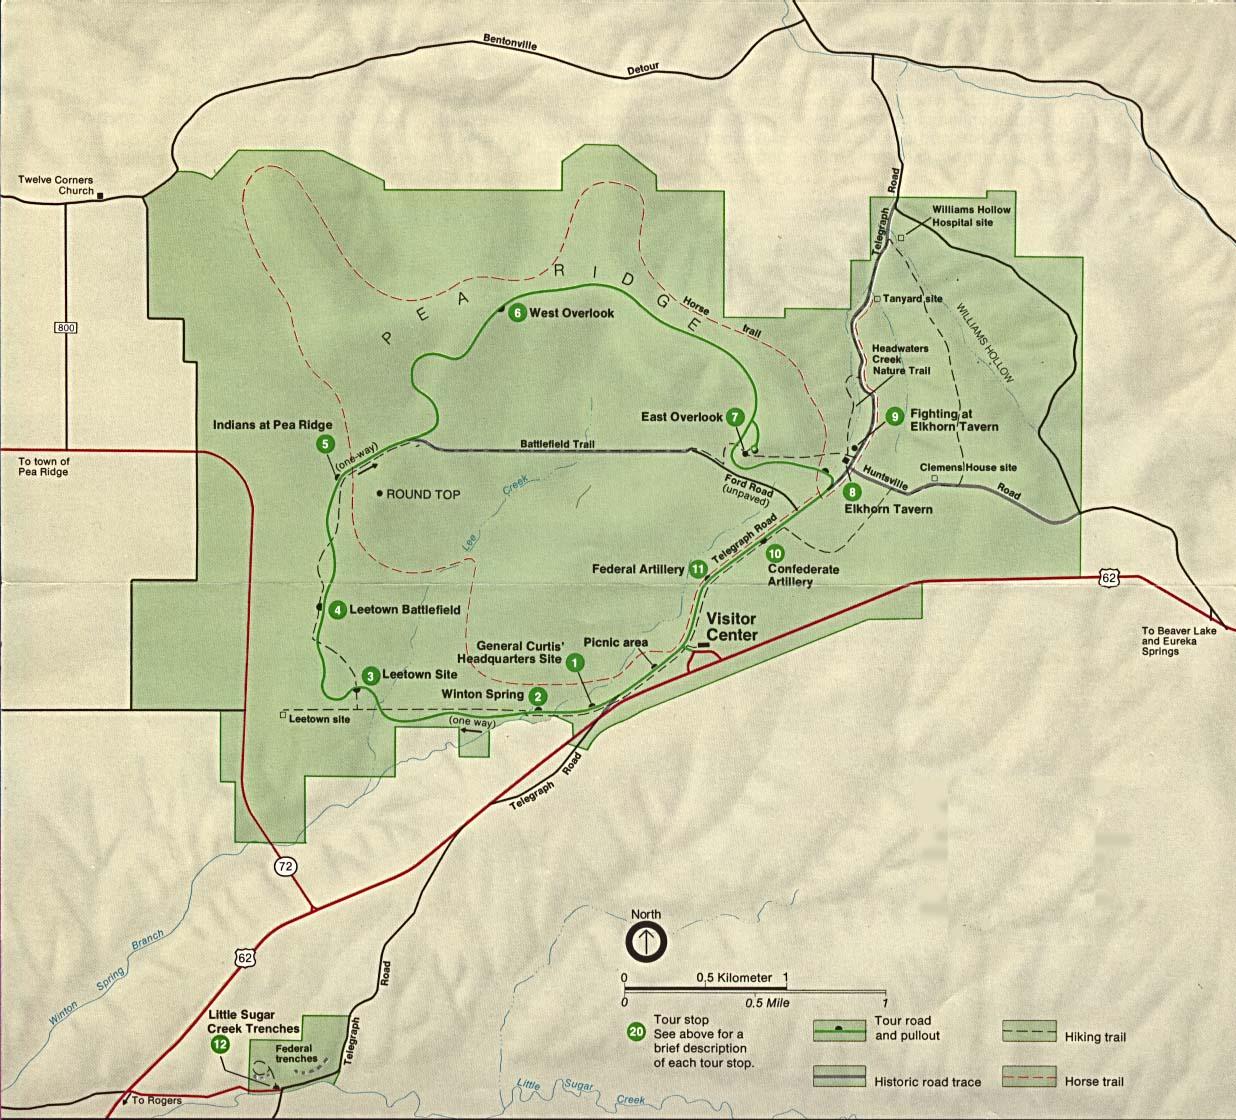 Mapa del Parque Militar Nacional de Pea Ridge, Arkansas, Estados Unidos